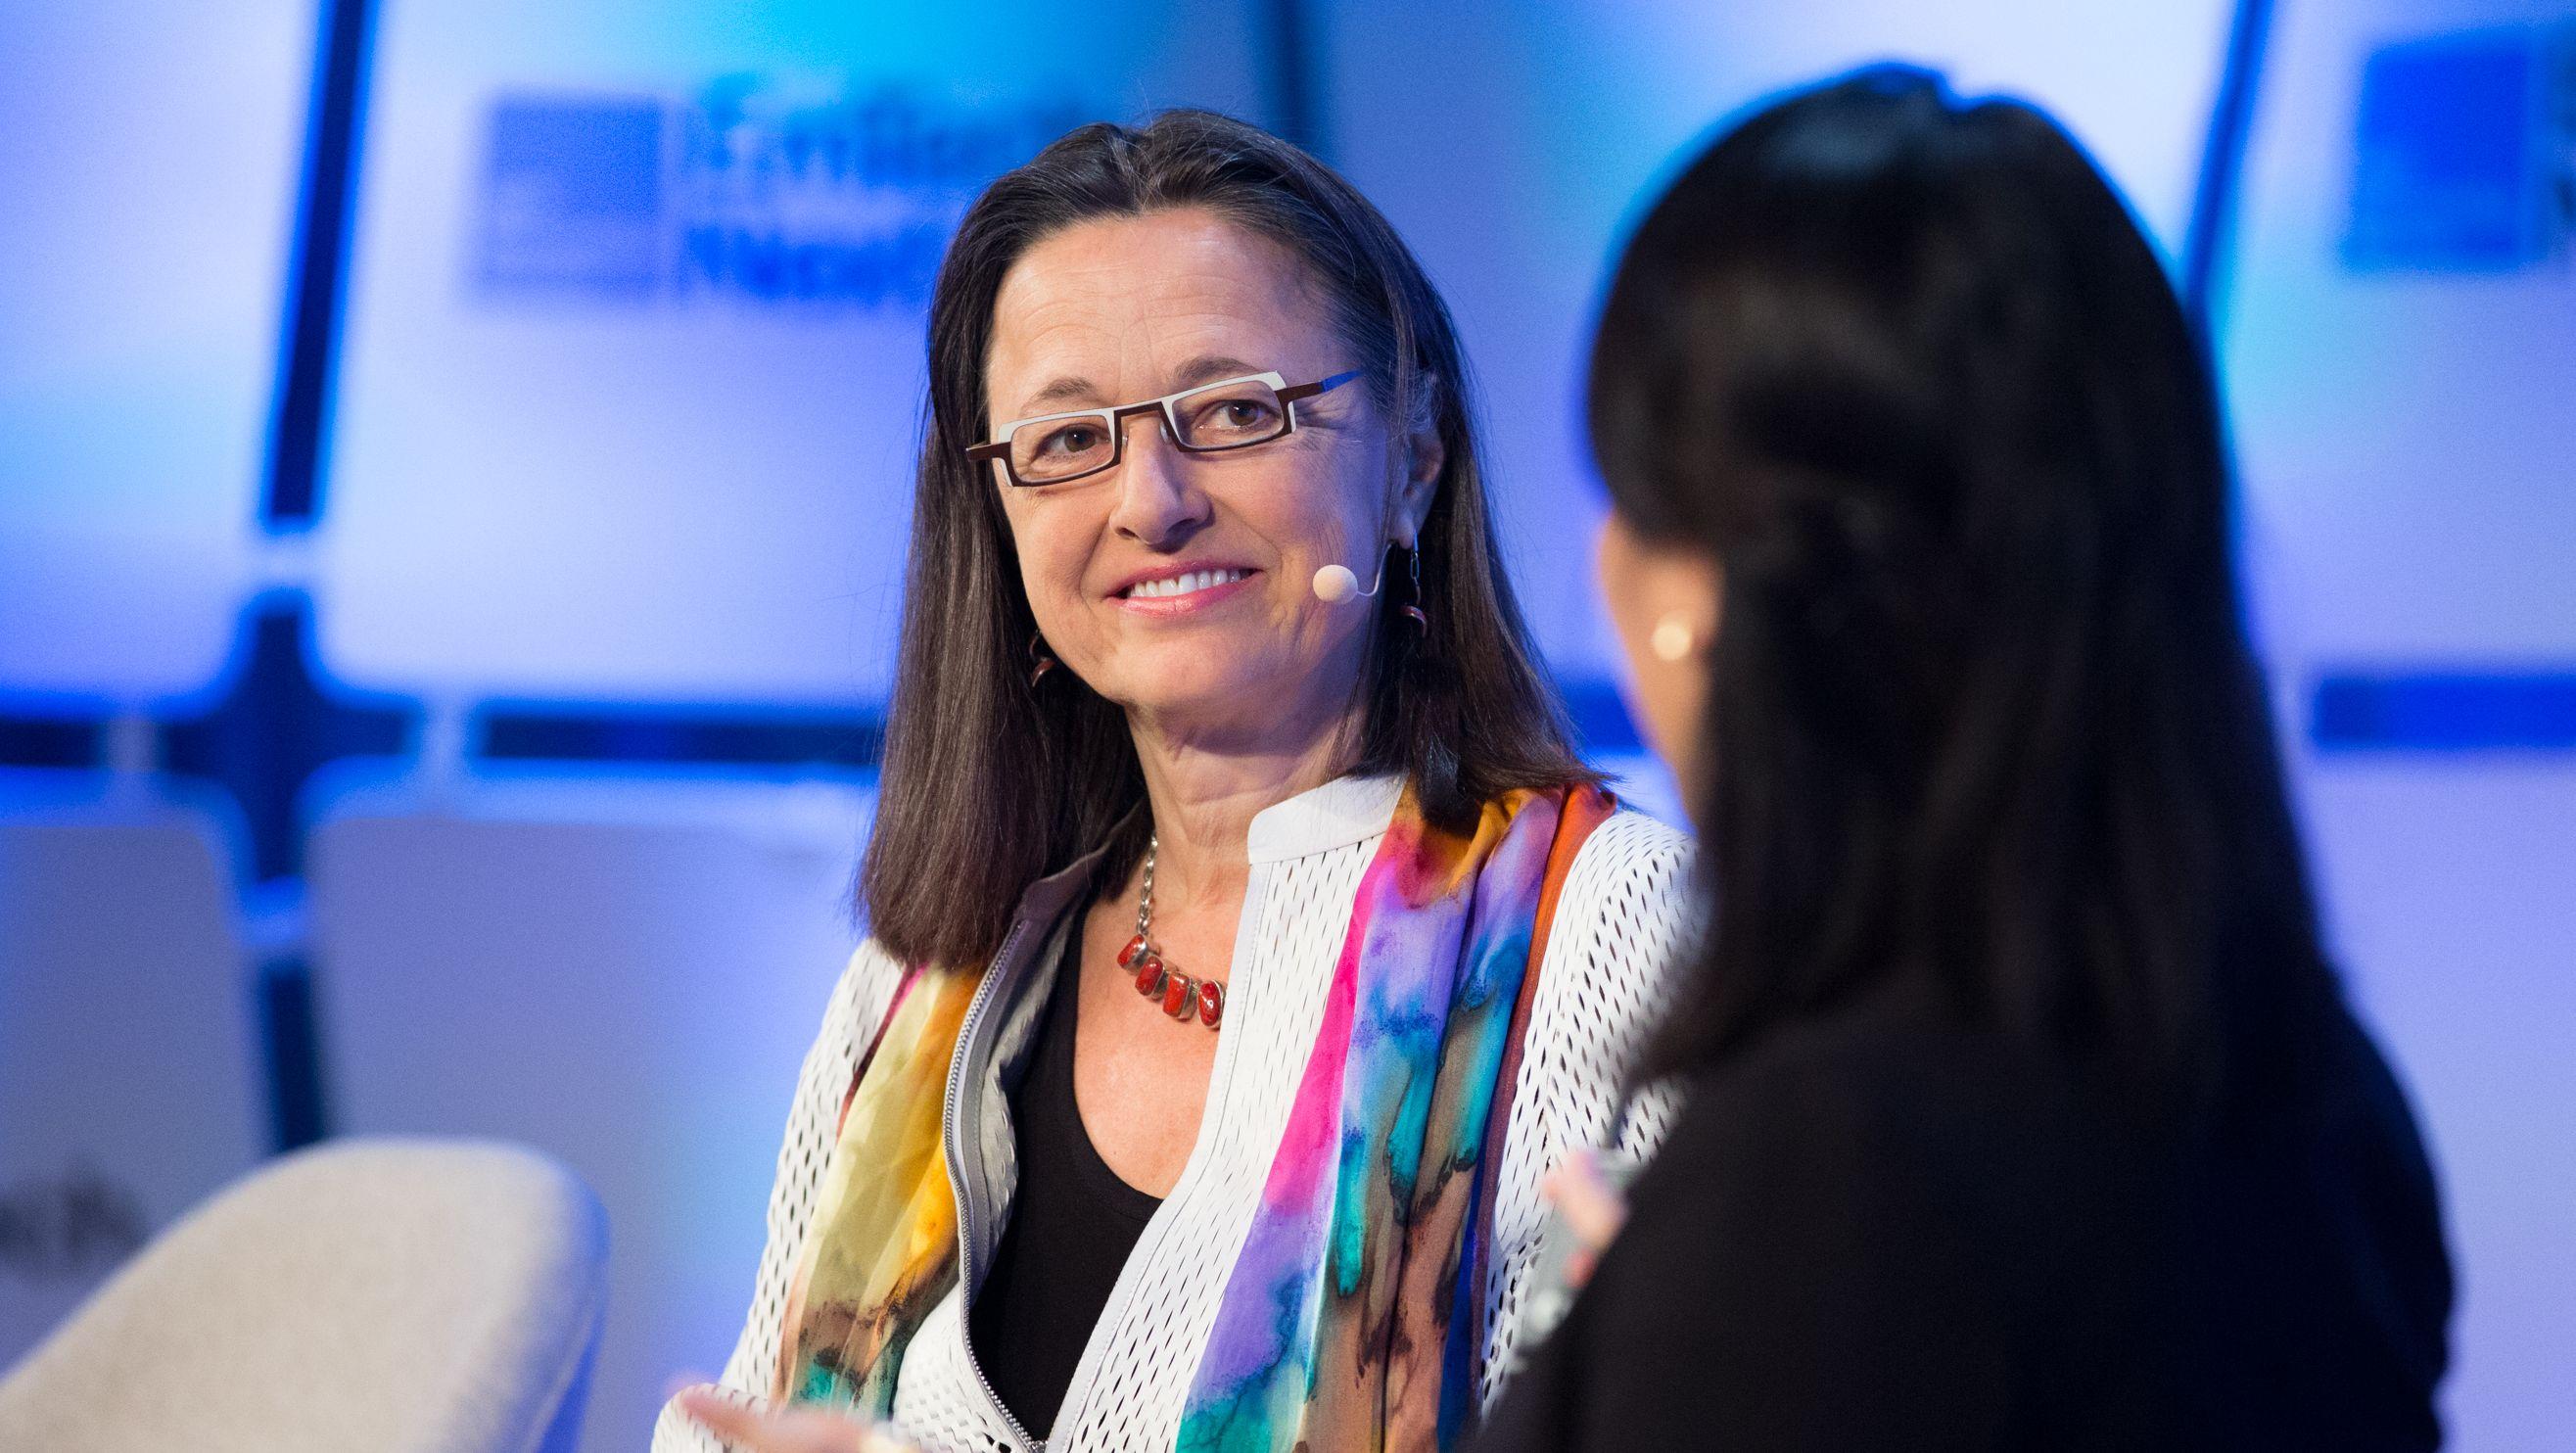 「老舗」巨大テック企業IBMはMITとの共同研究で何を目指すのか?